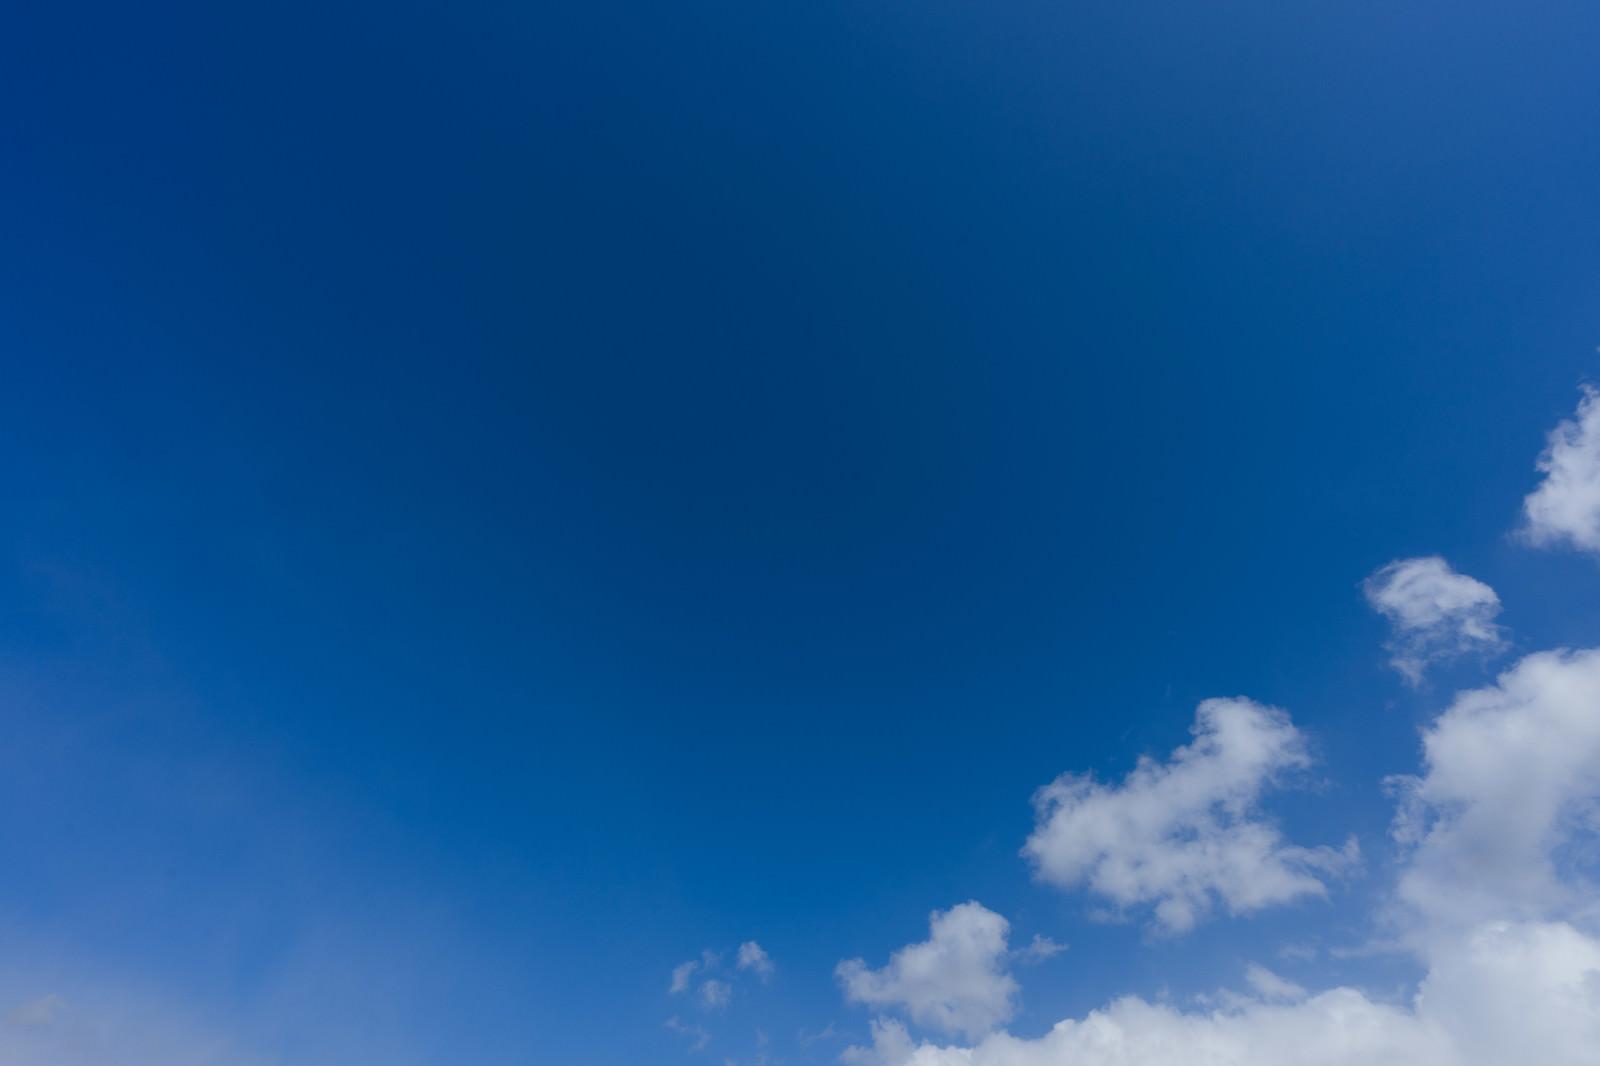 「青空と雲の一部」の写真